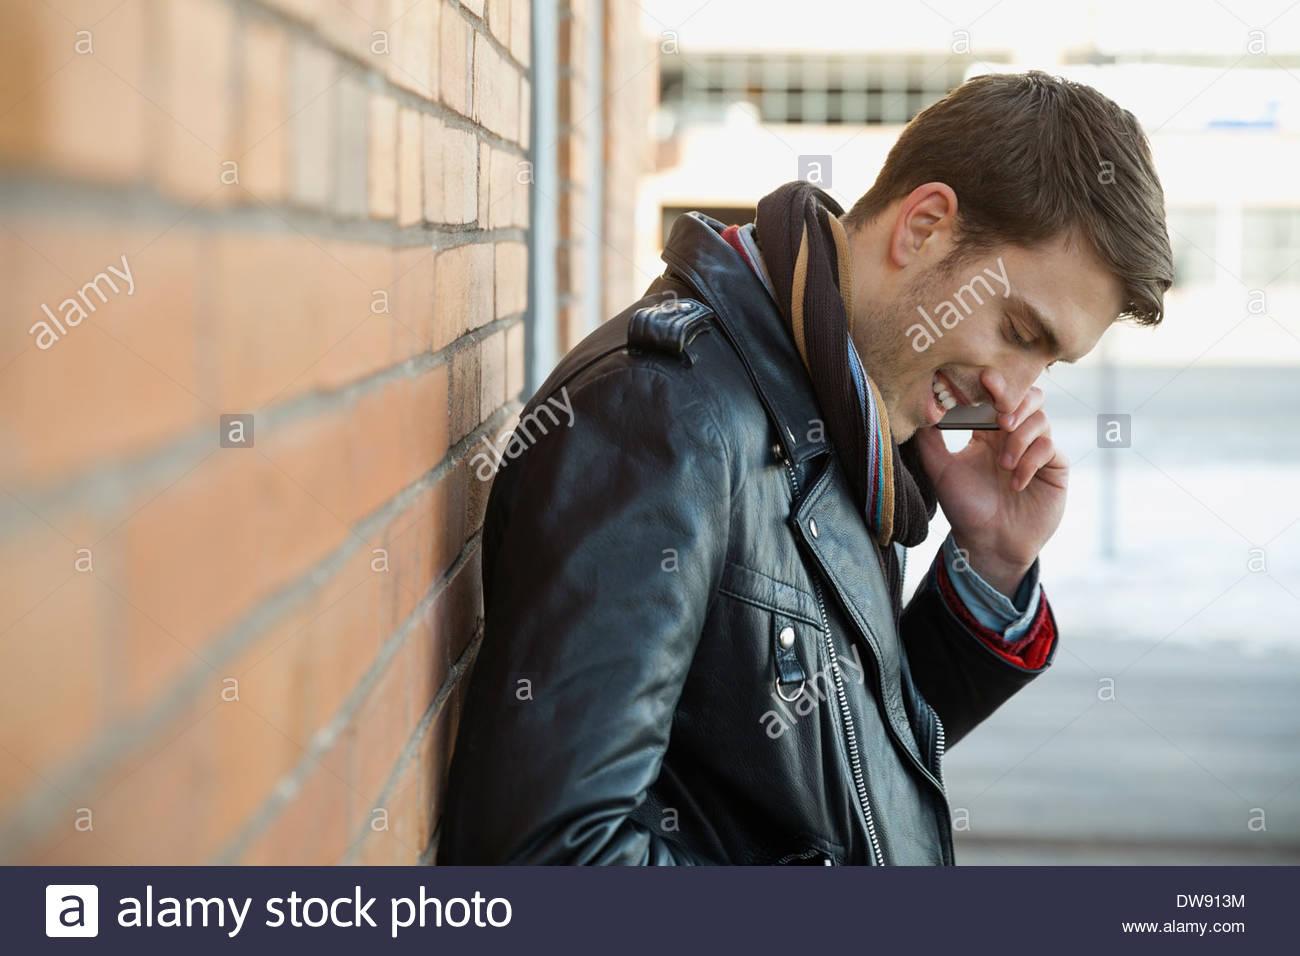 Hombre sonriente Contestar teléfono inteligente al aire libre Imagen De Stock